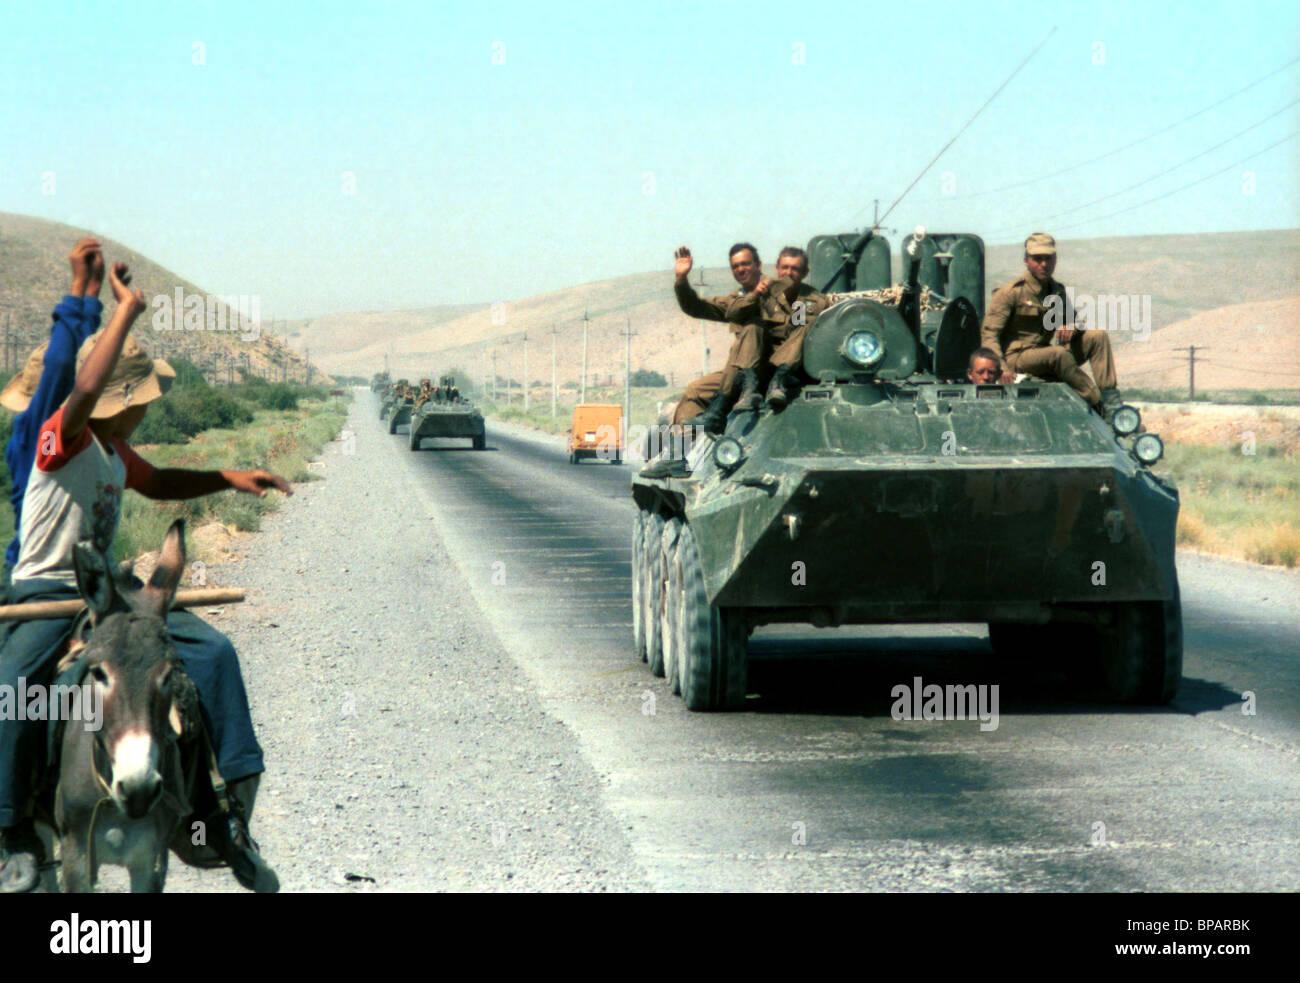 Soviet Afghanistan war - Page 6 Withdrawal-of-soviet-troops-from-afghanistan-BPARBK